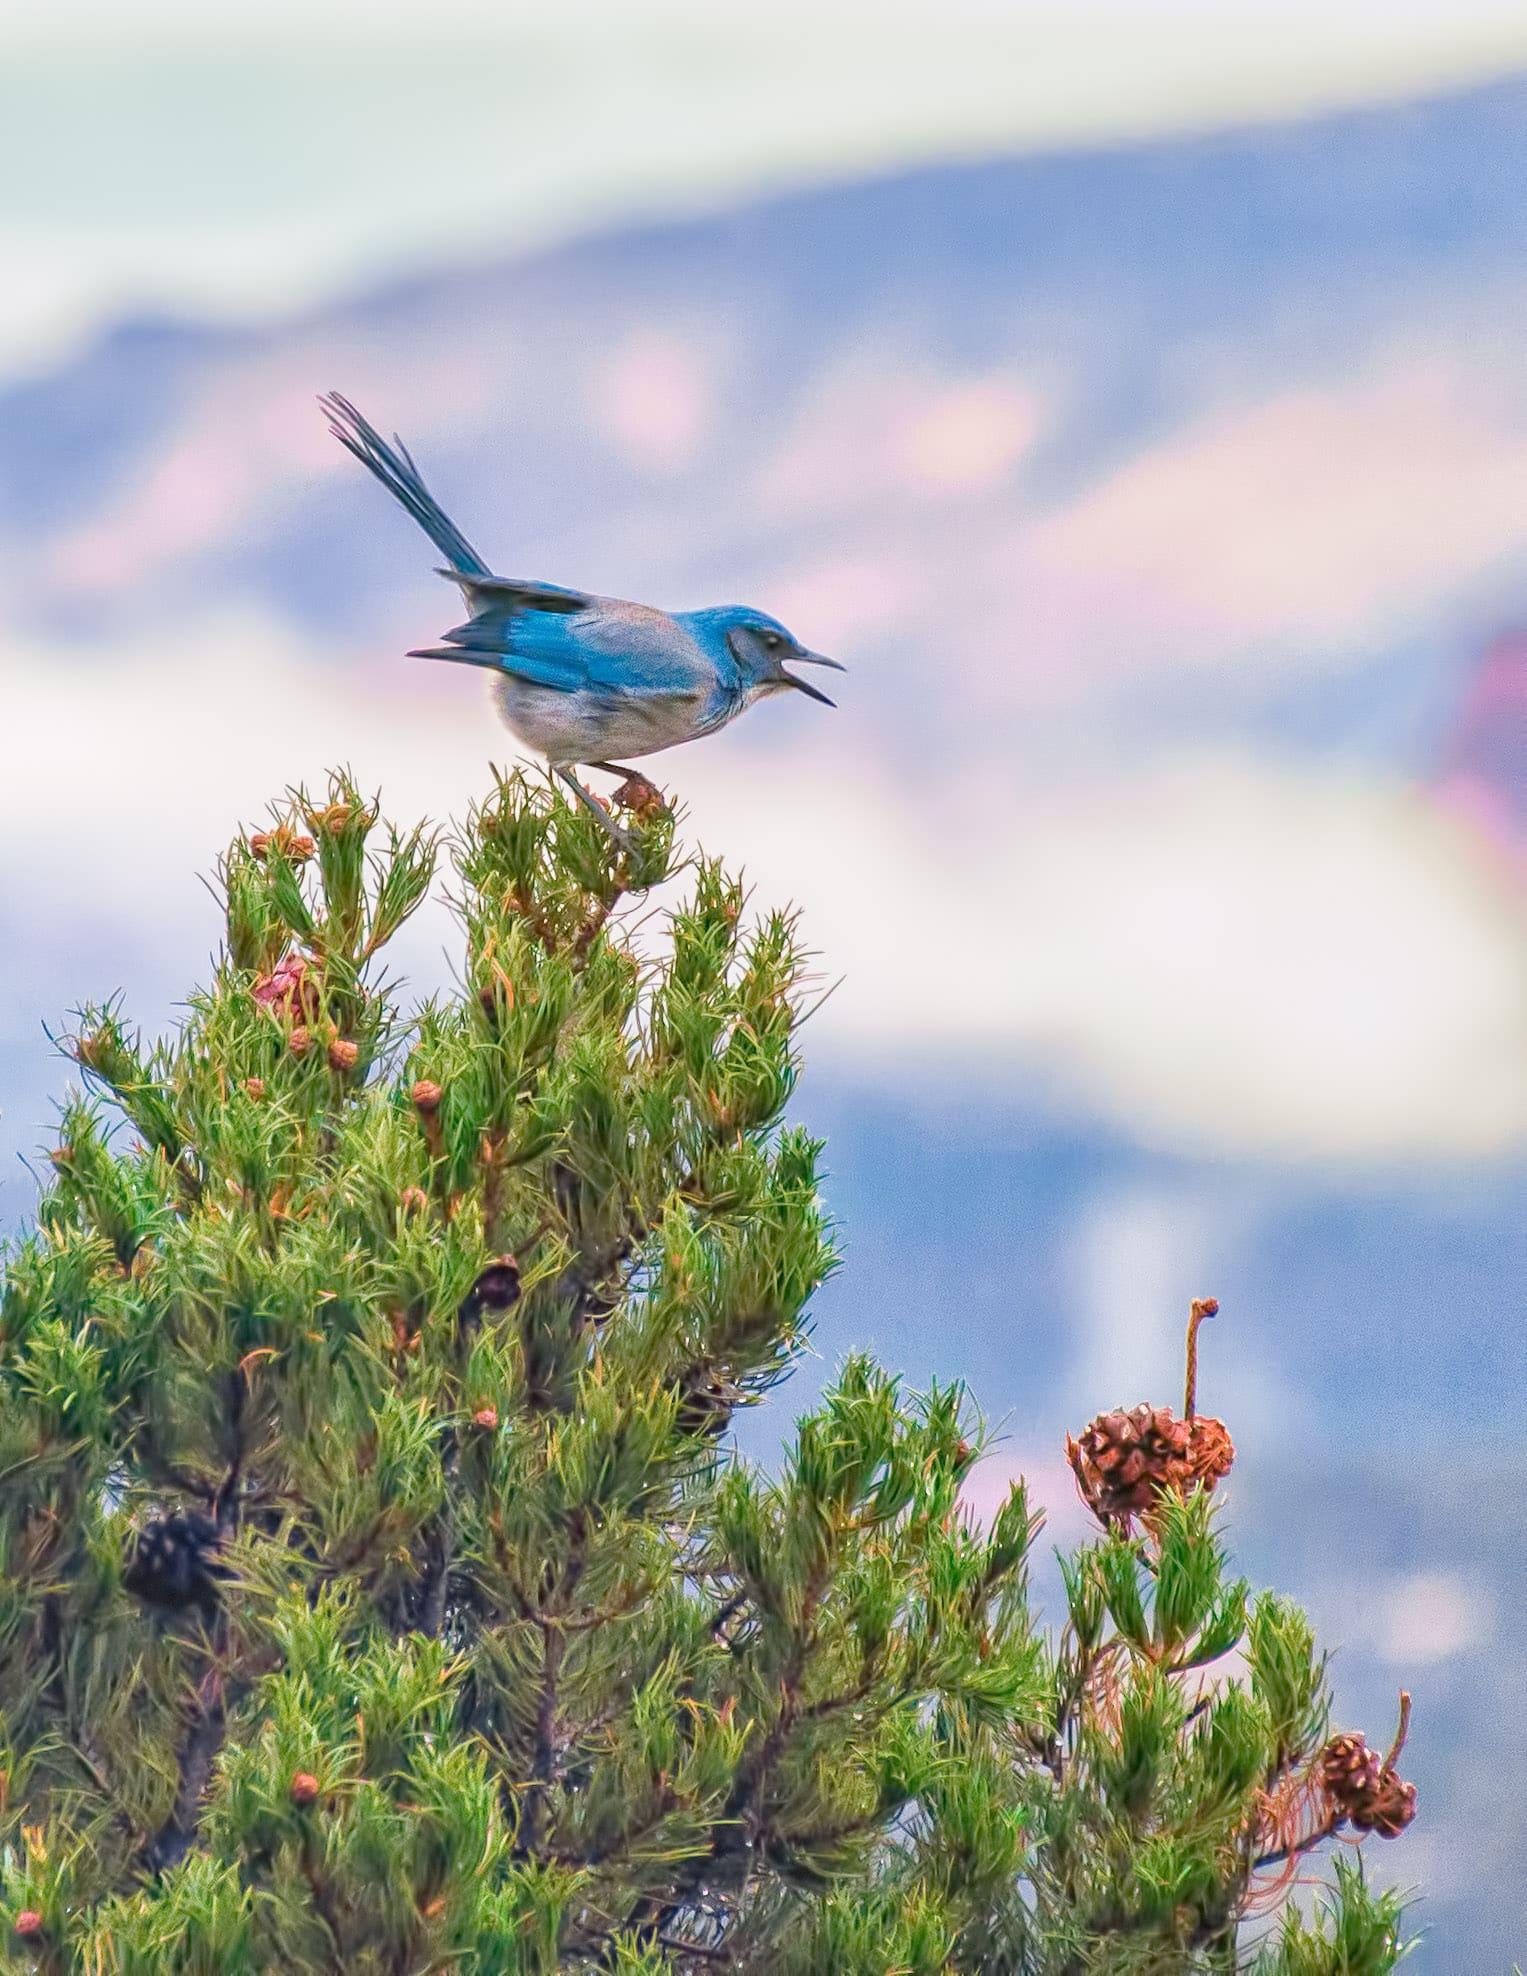 A Mountain Bluebird perches atop a pinon tree along Airport Road in Sedona, Arizona.